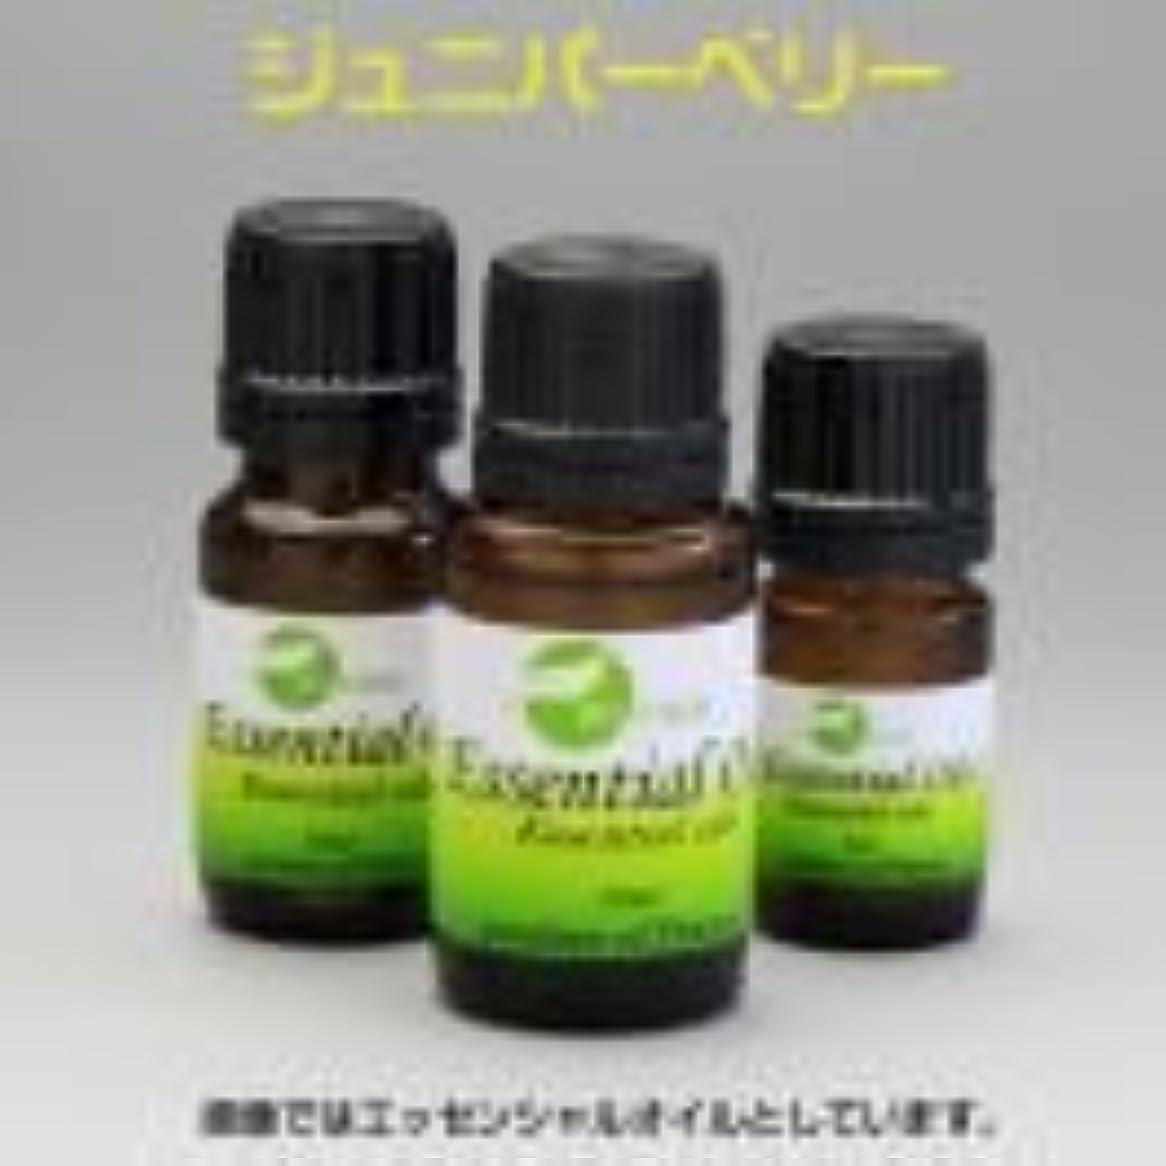 曲佐賀退院[エッセンシャルオイル] 松の針葉に似たフレッシュな樹脂の香り ジュニパーベリー 15ml